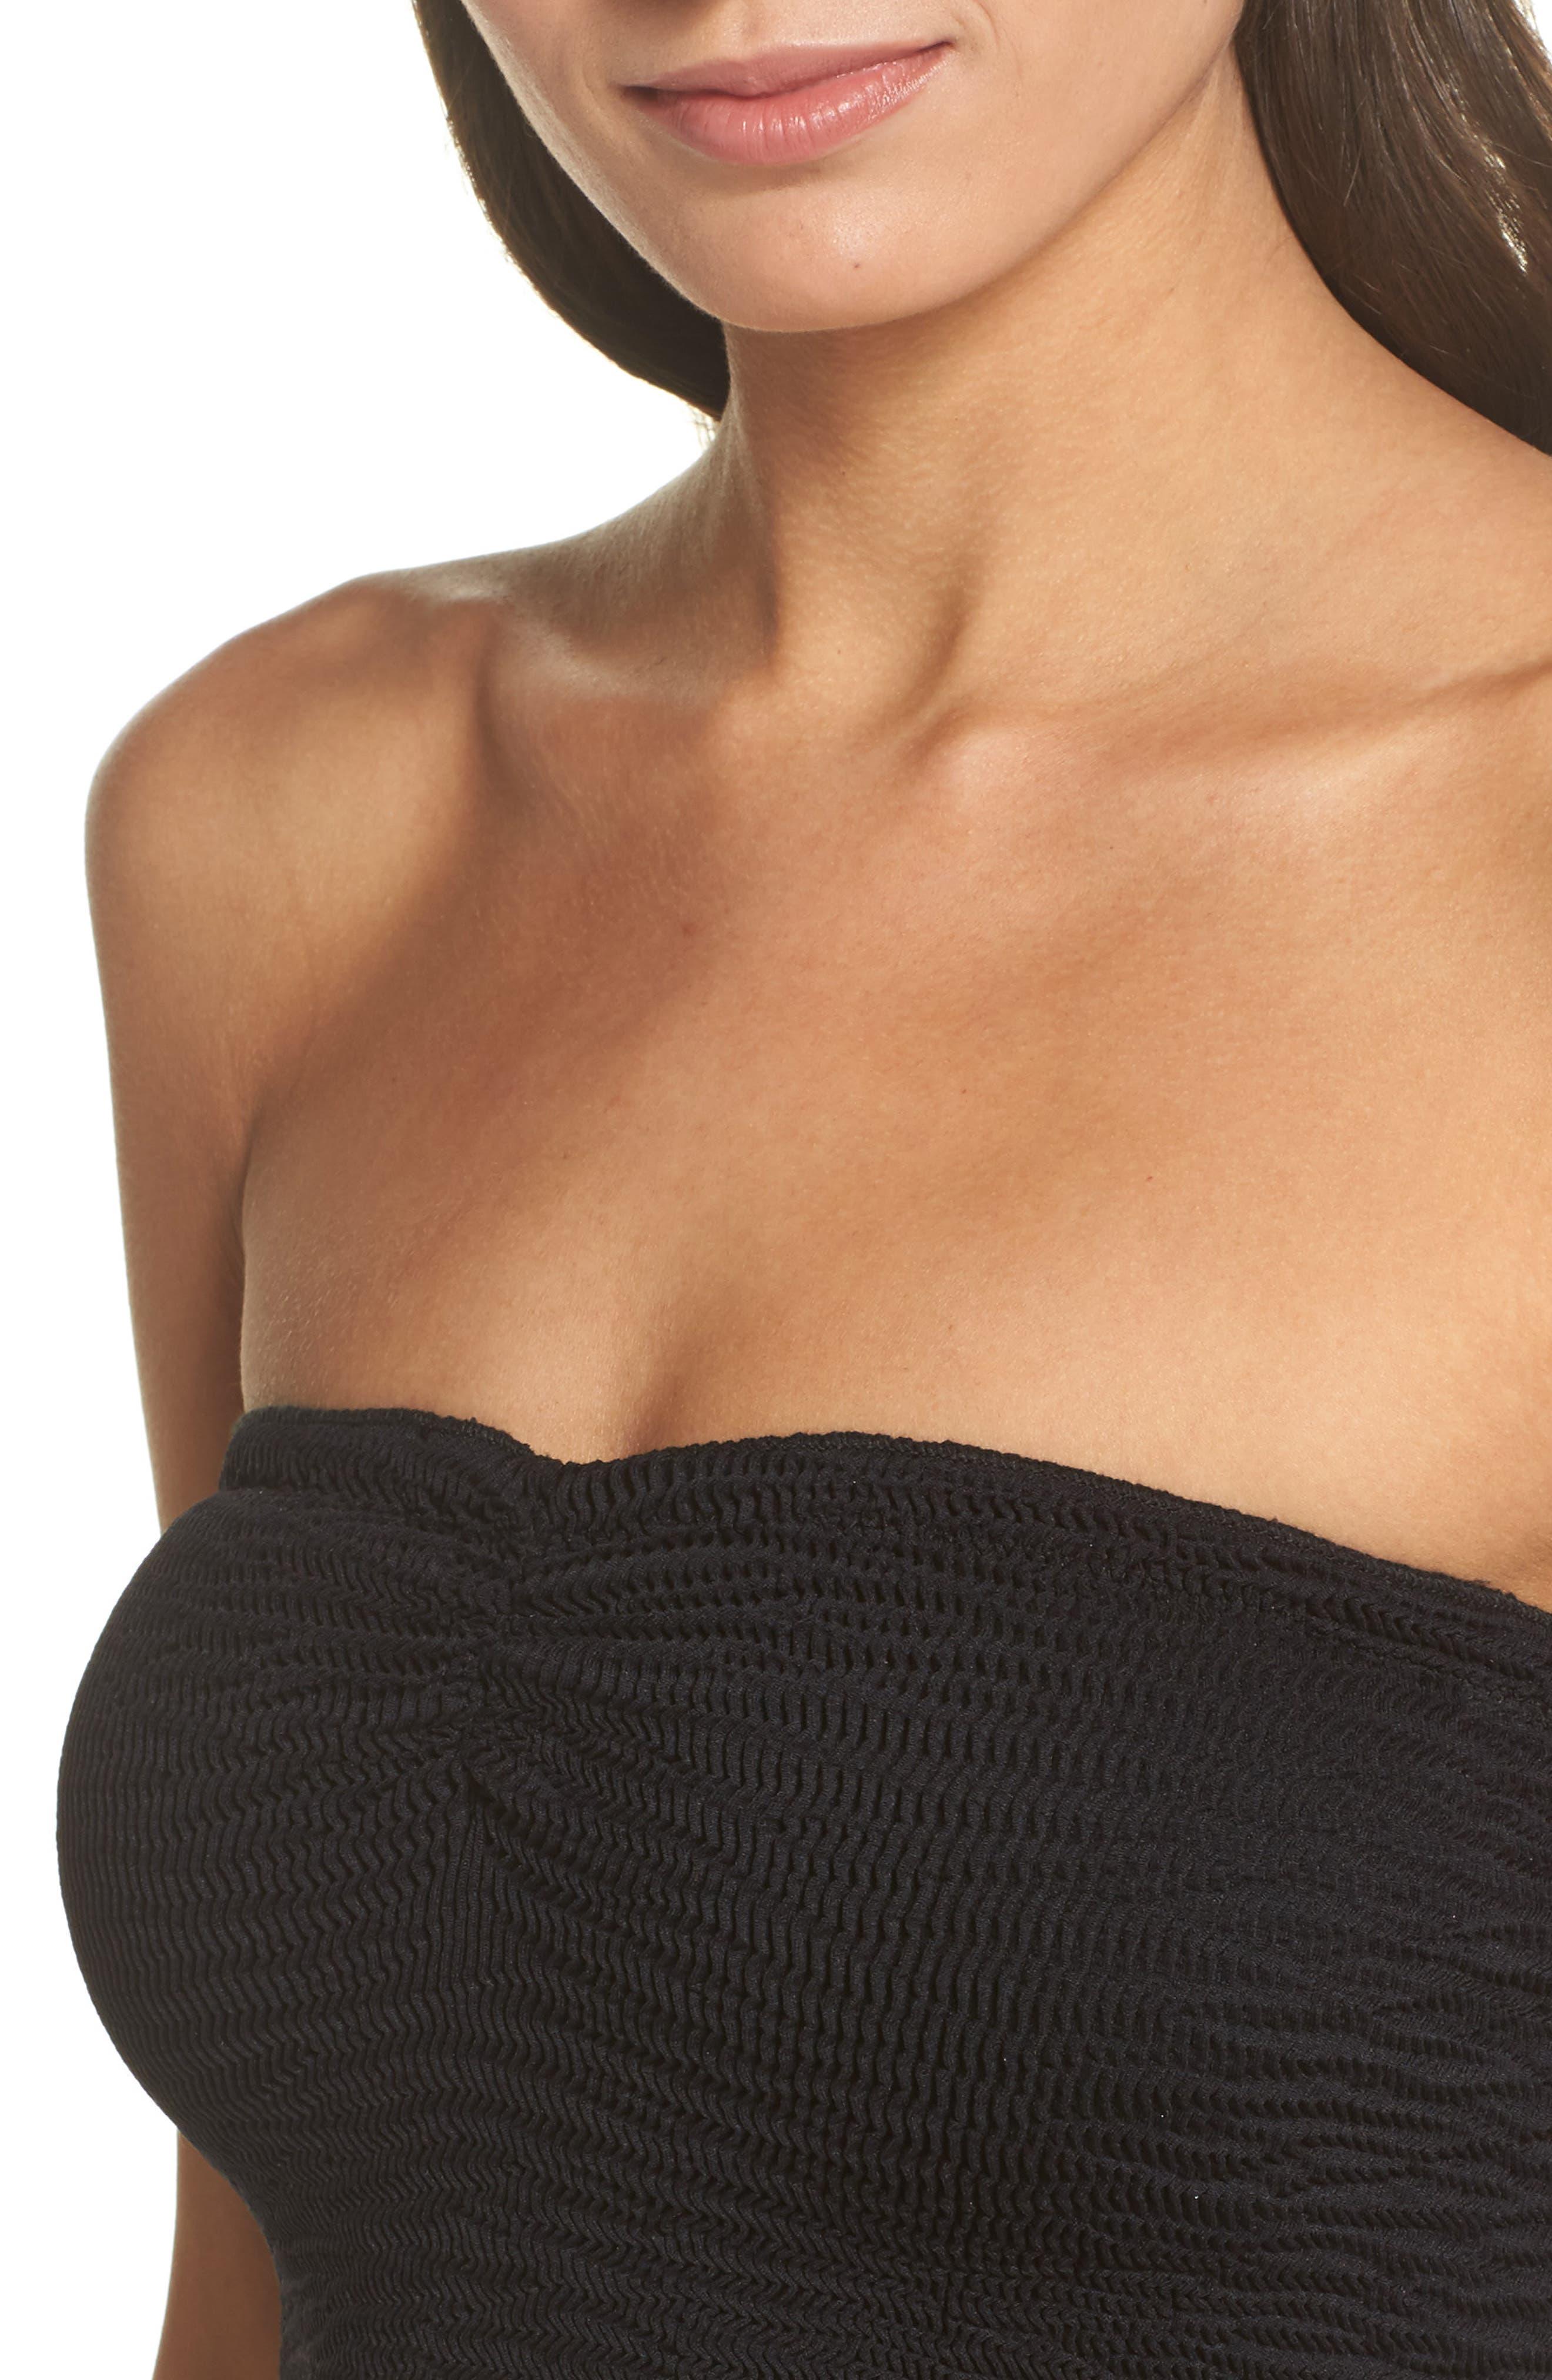 Tubular Bikini Top,                             Alternate thumbnail 4, color,                             Black